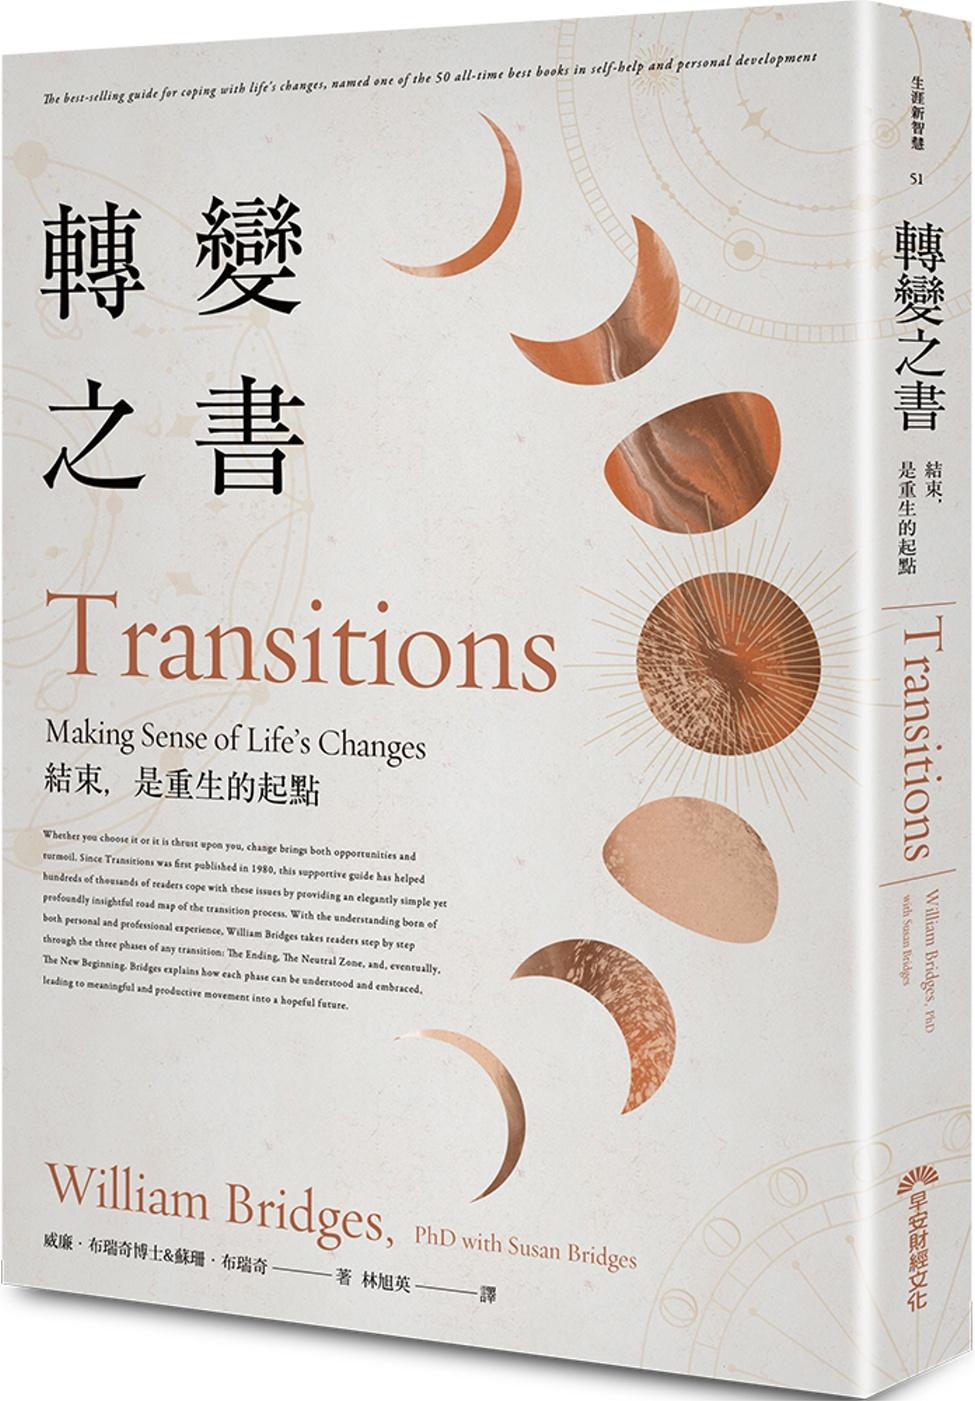 轉變之書(40周年增修版) 結束,是重生的起點